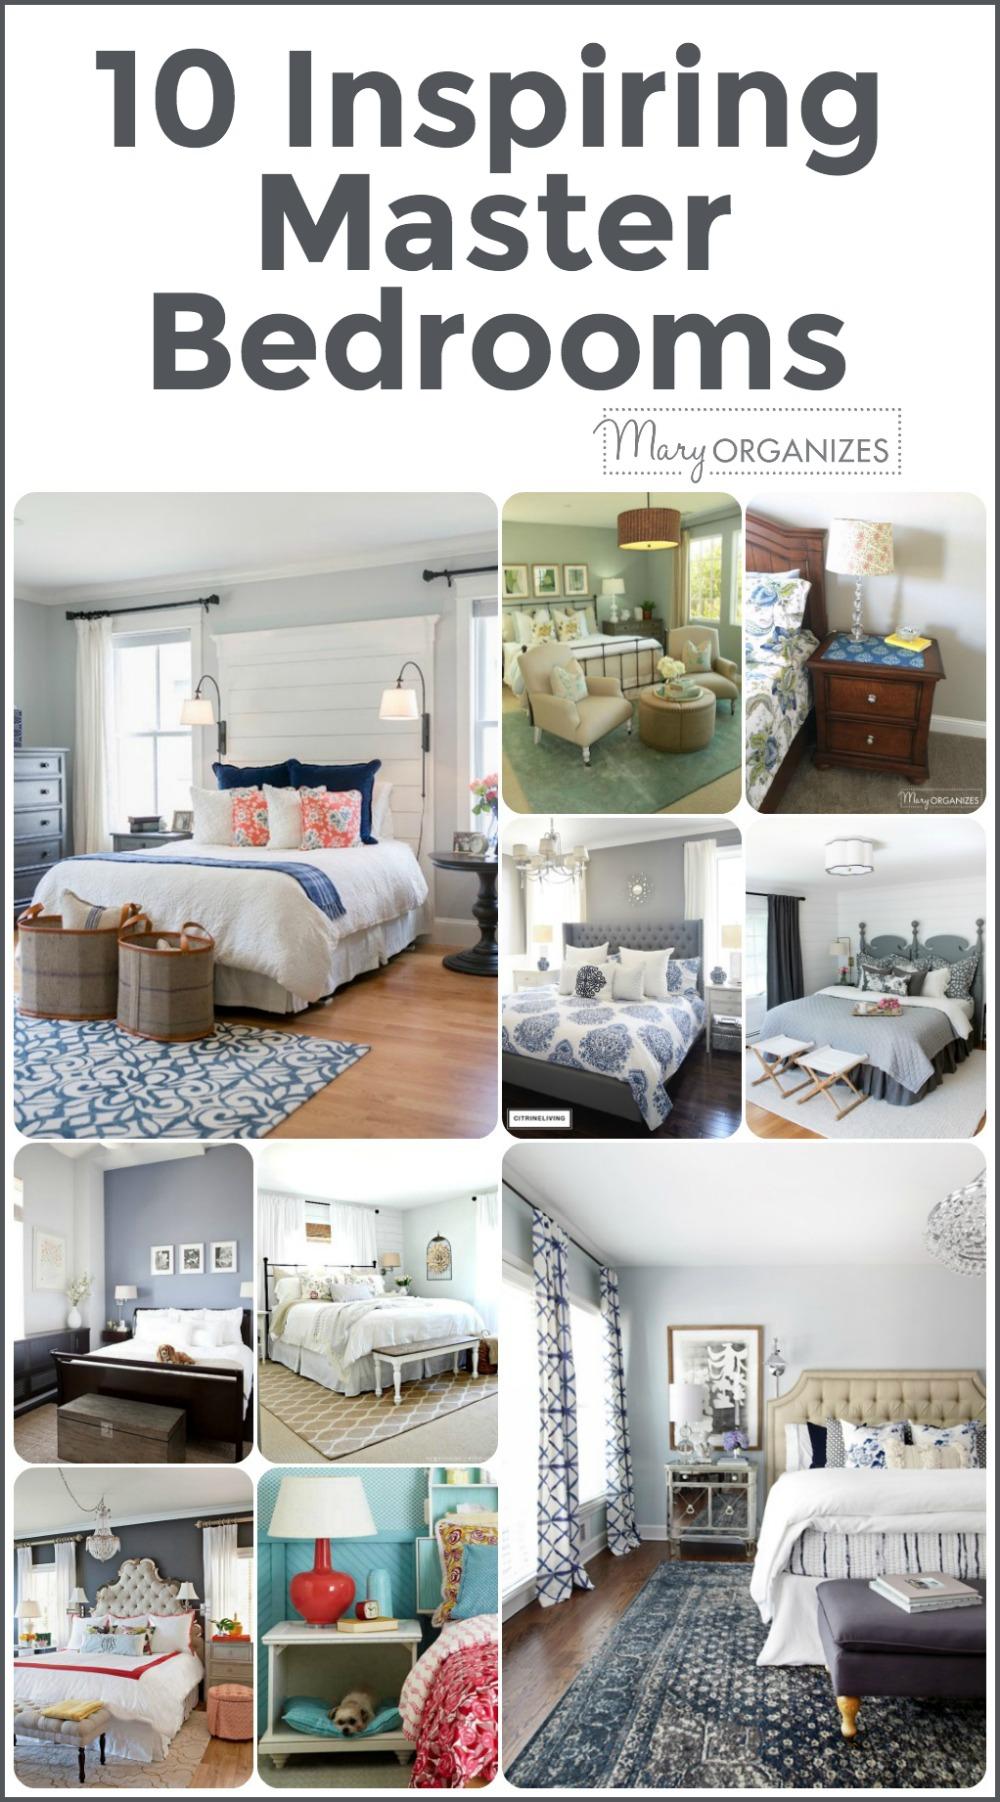 10 Inspiring Master Bedrooms -v